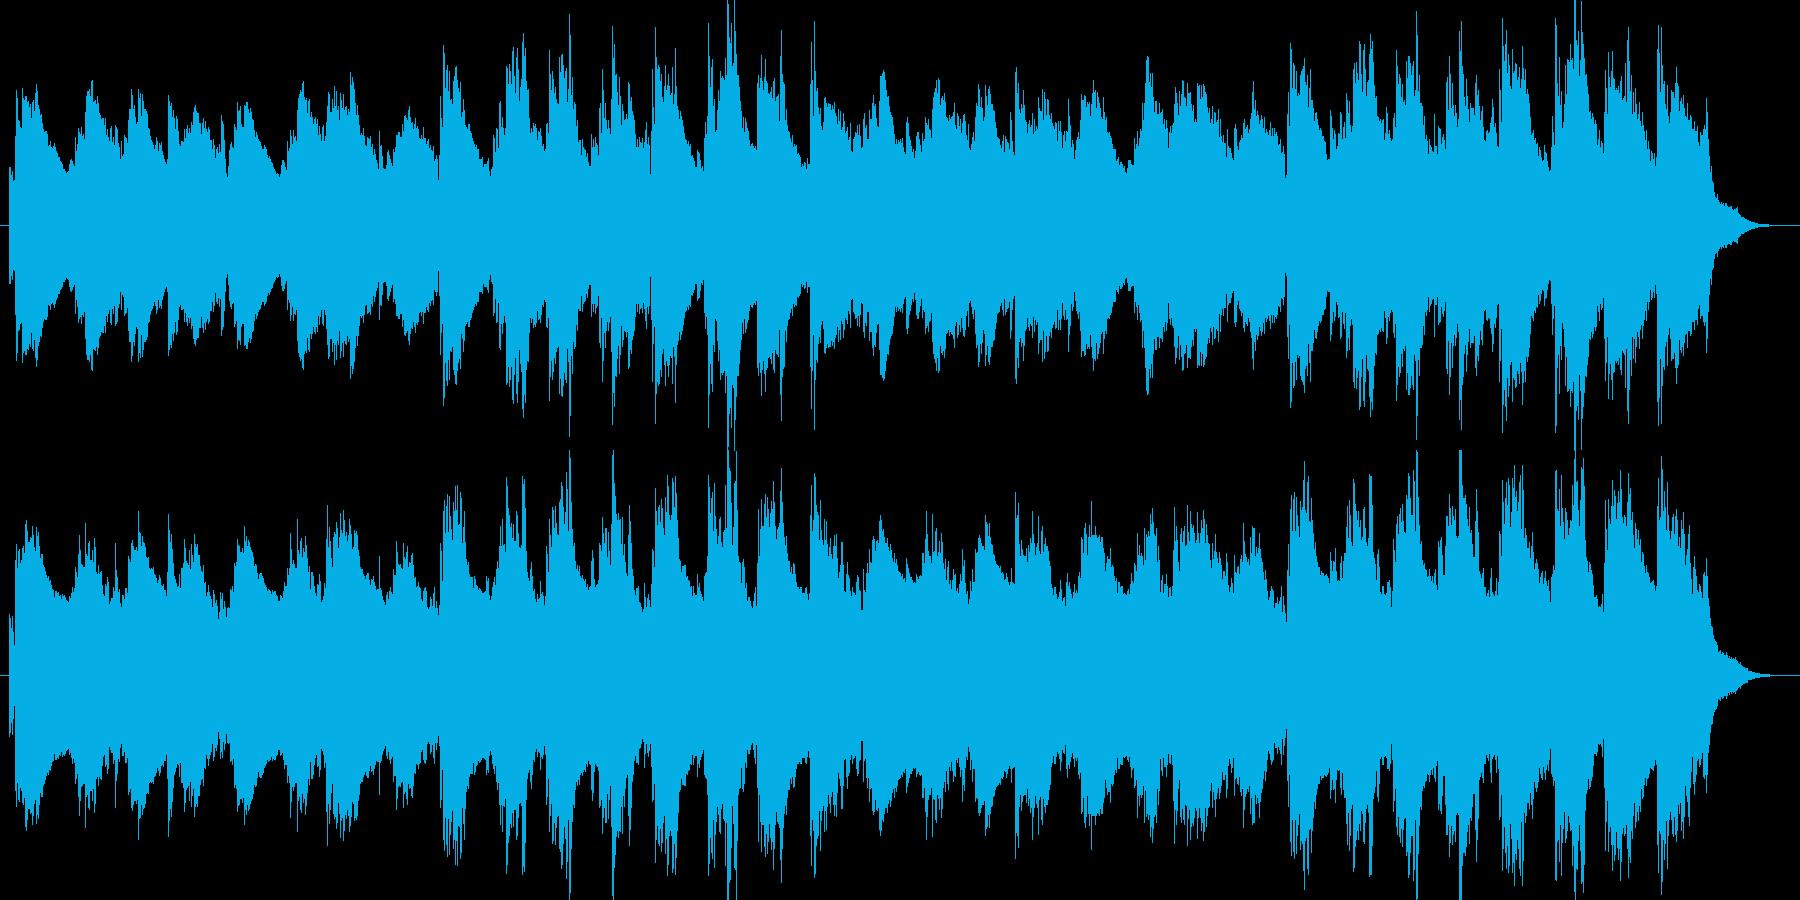 綺麗で幻想的なピアノBGMの再生済みの波形